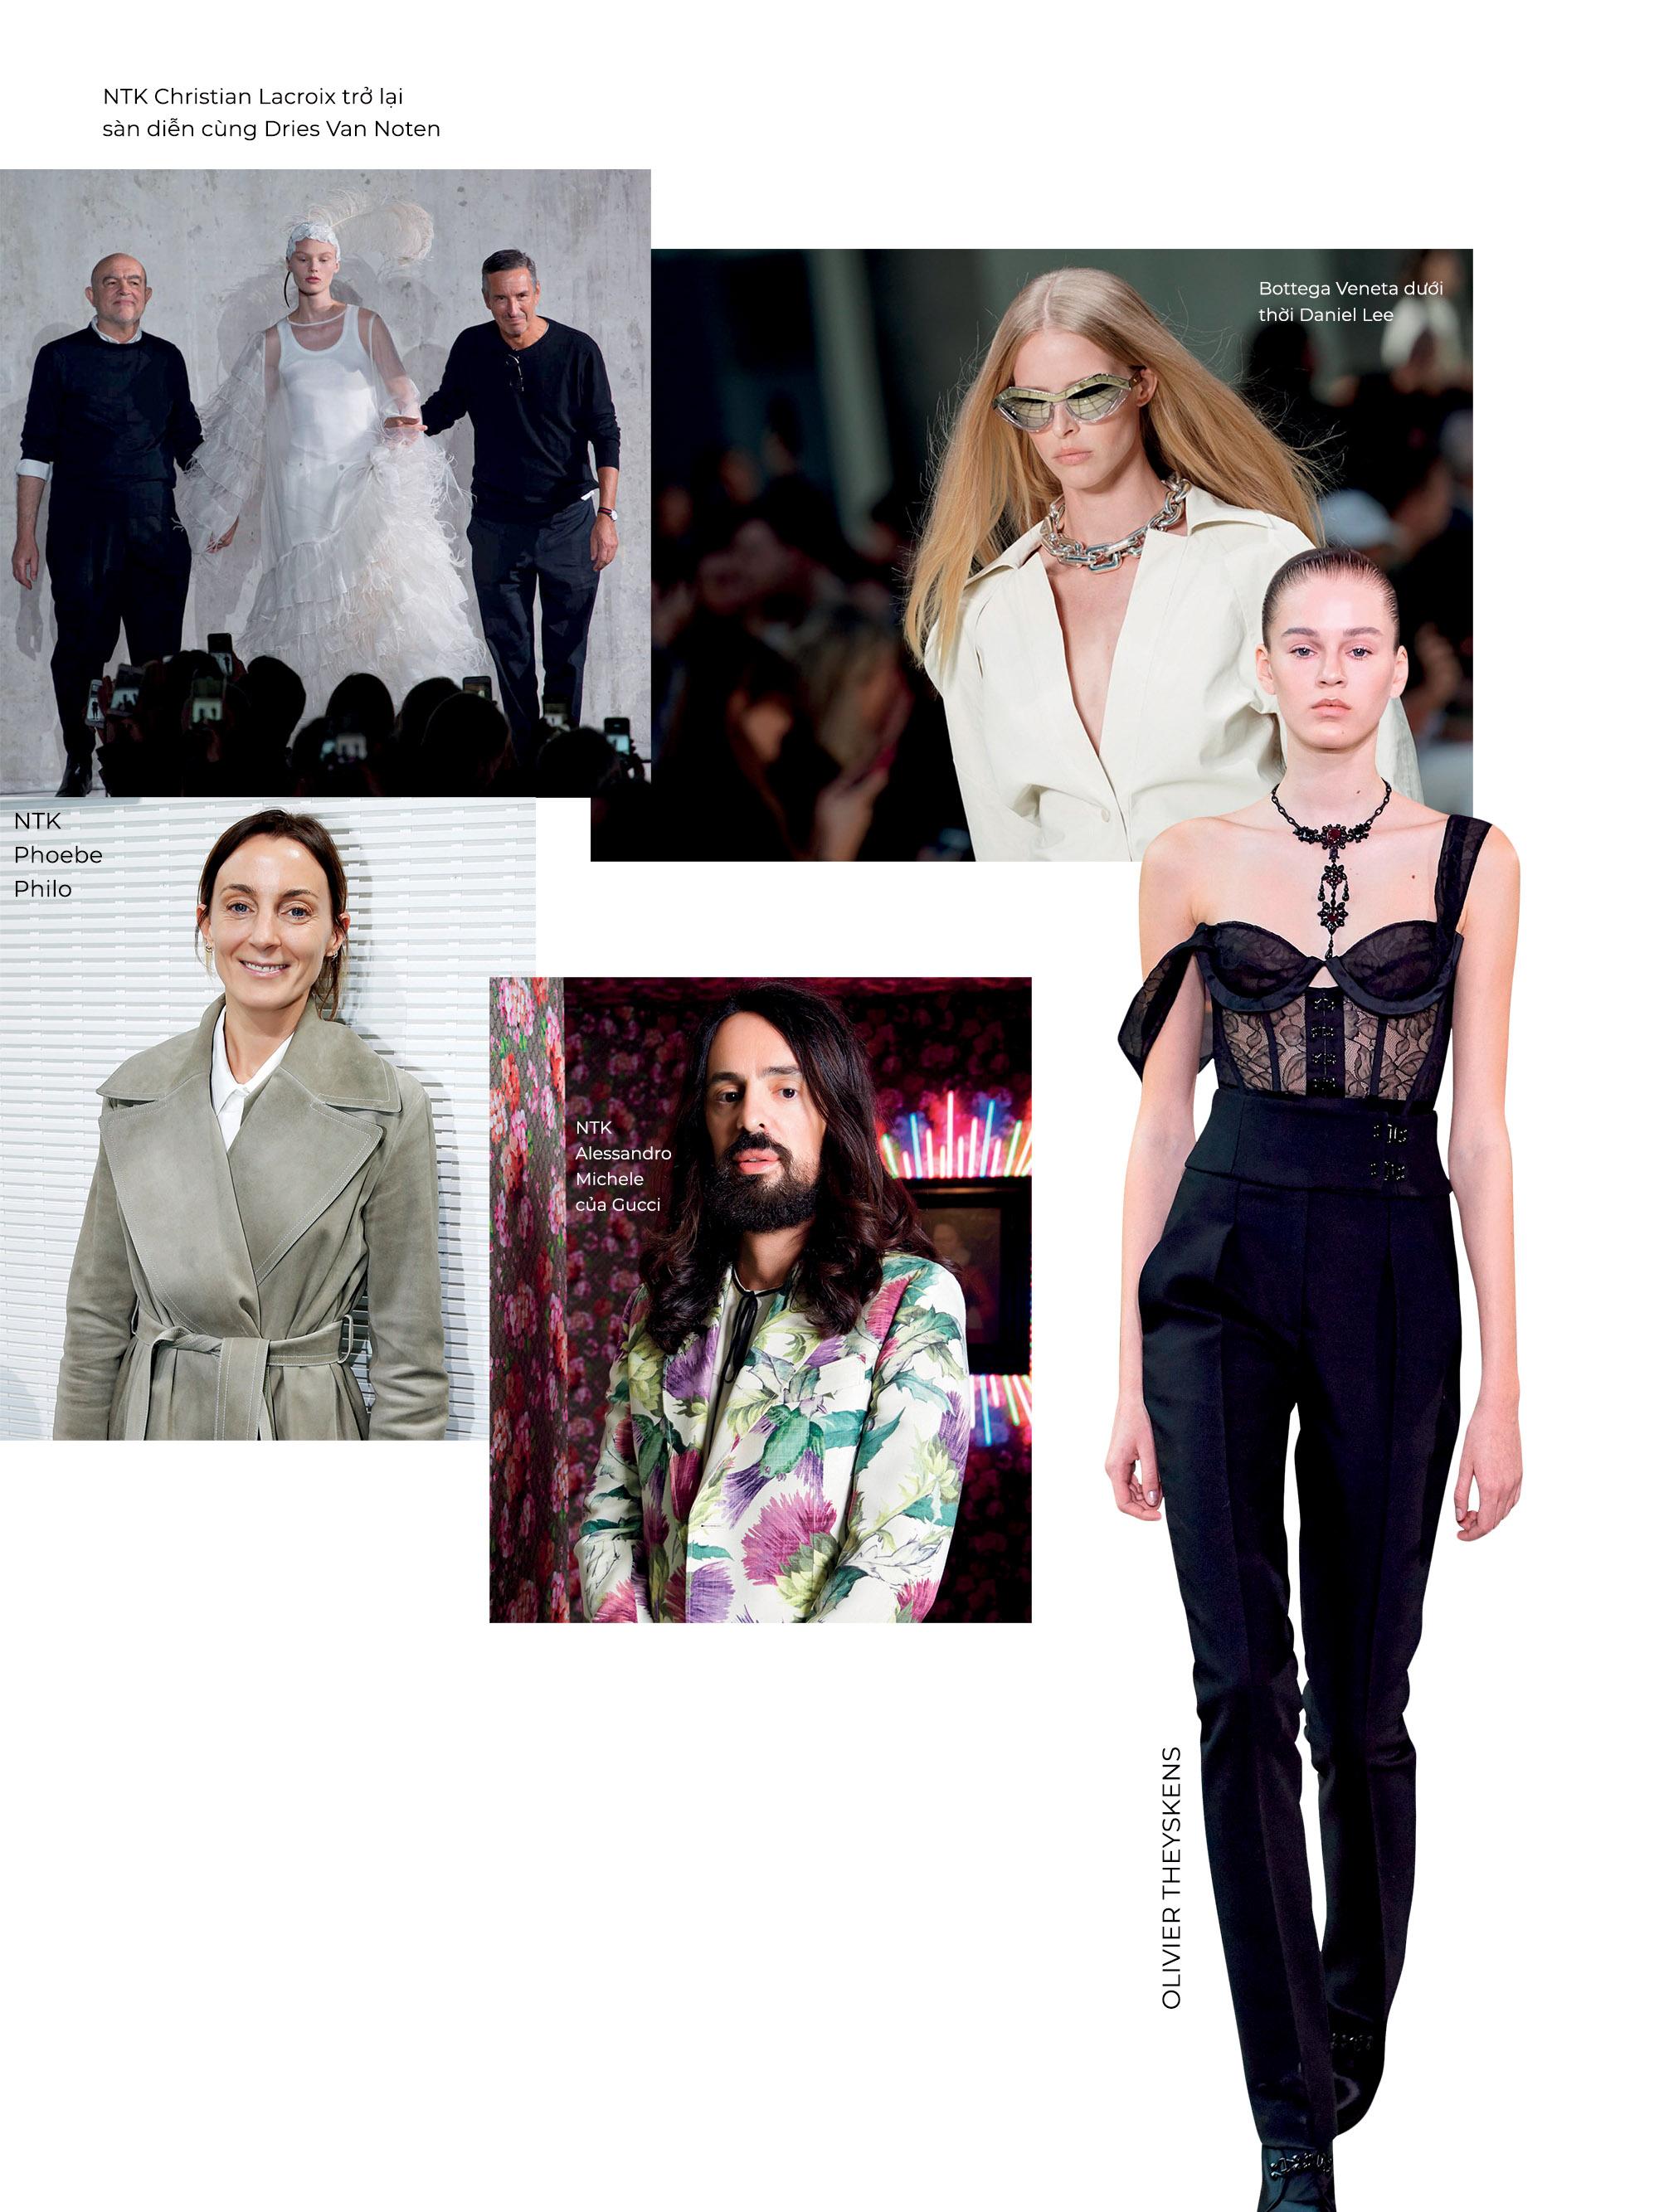 thế giới thời trang thập niên 2020 nhân tố mới và bậc tiền bối